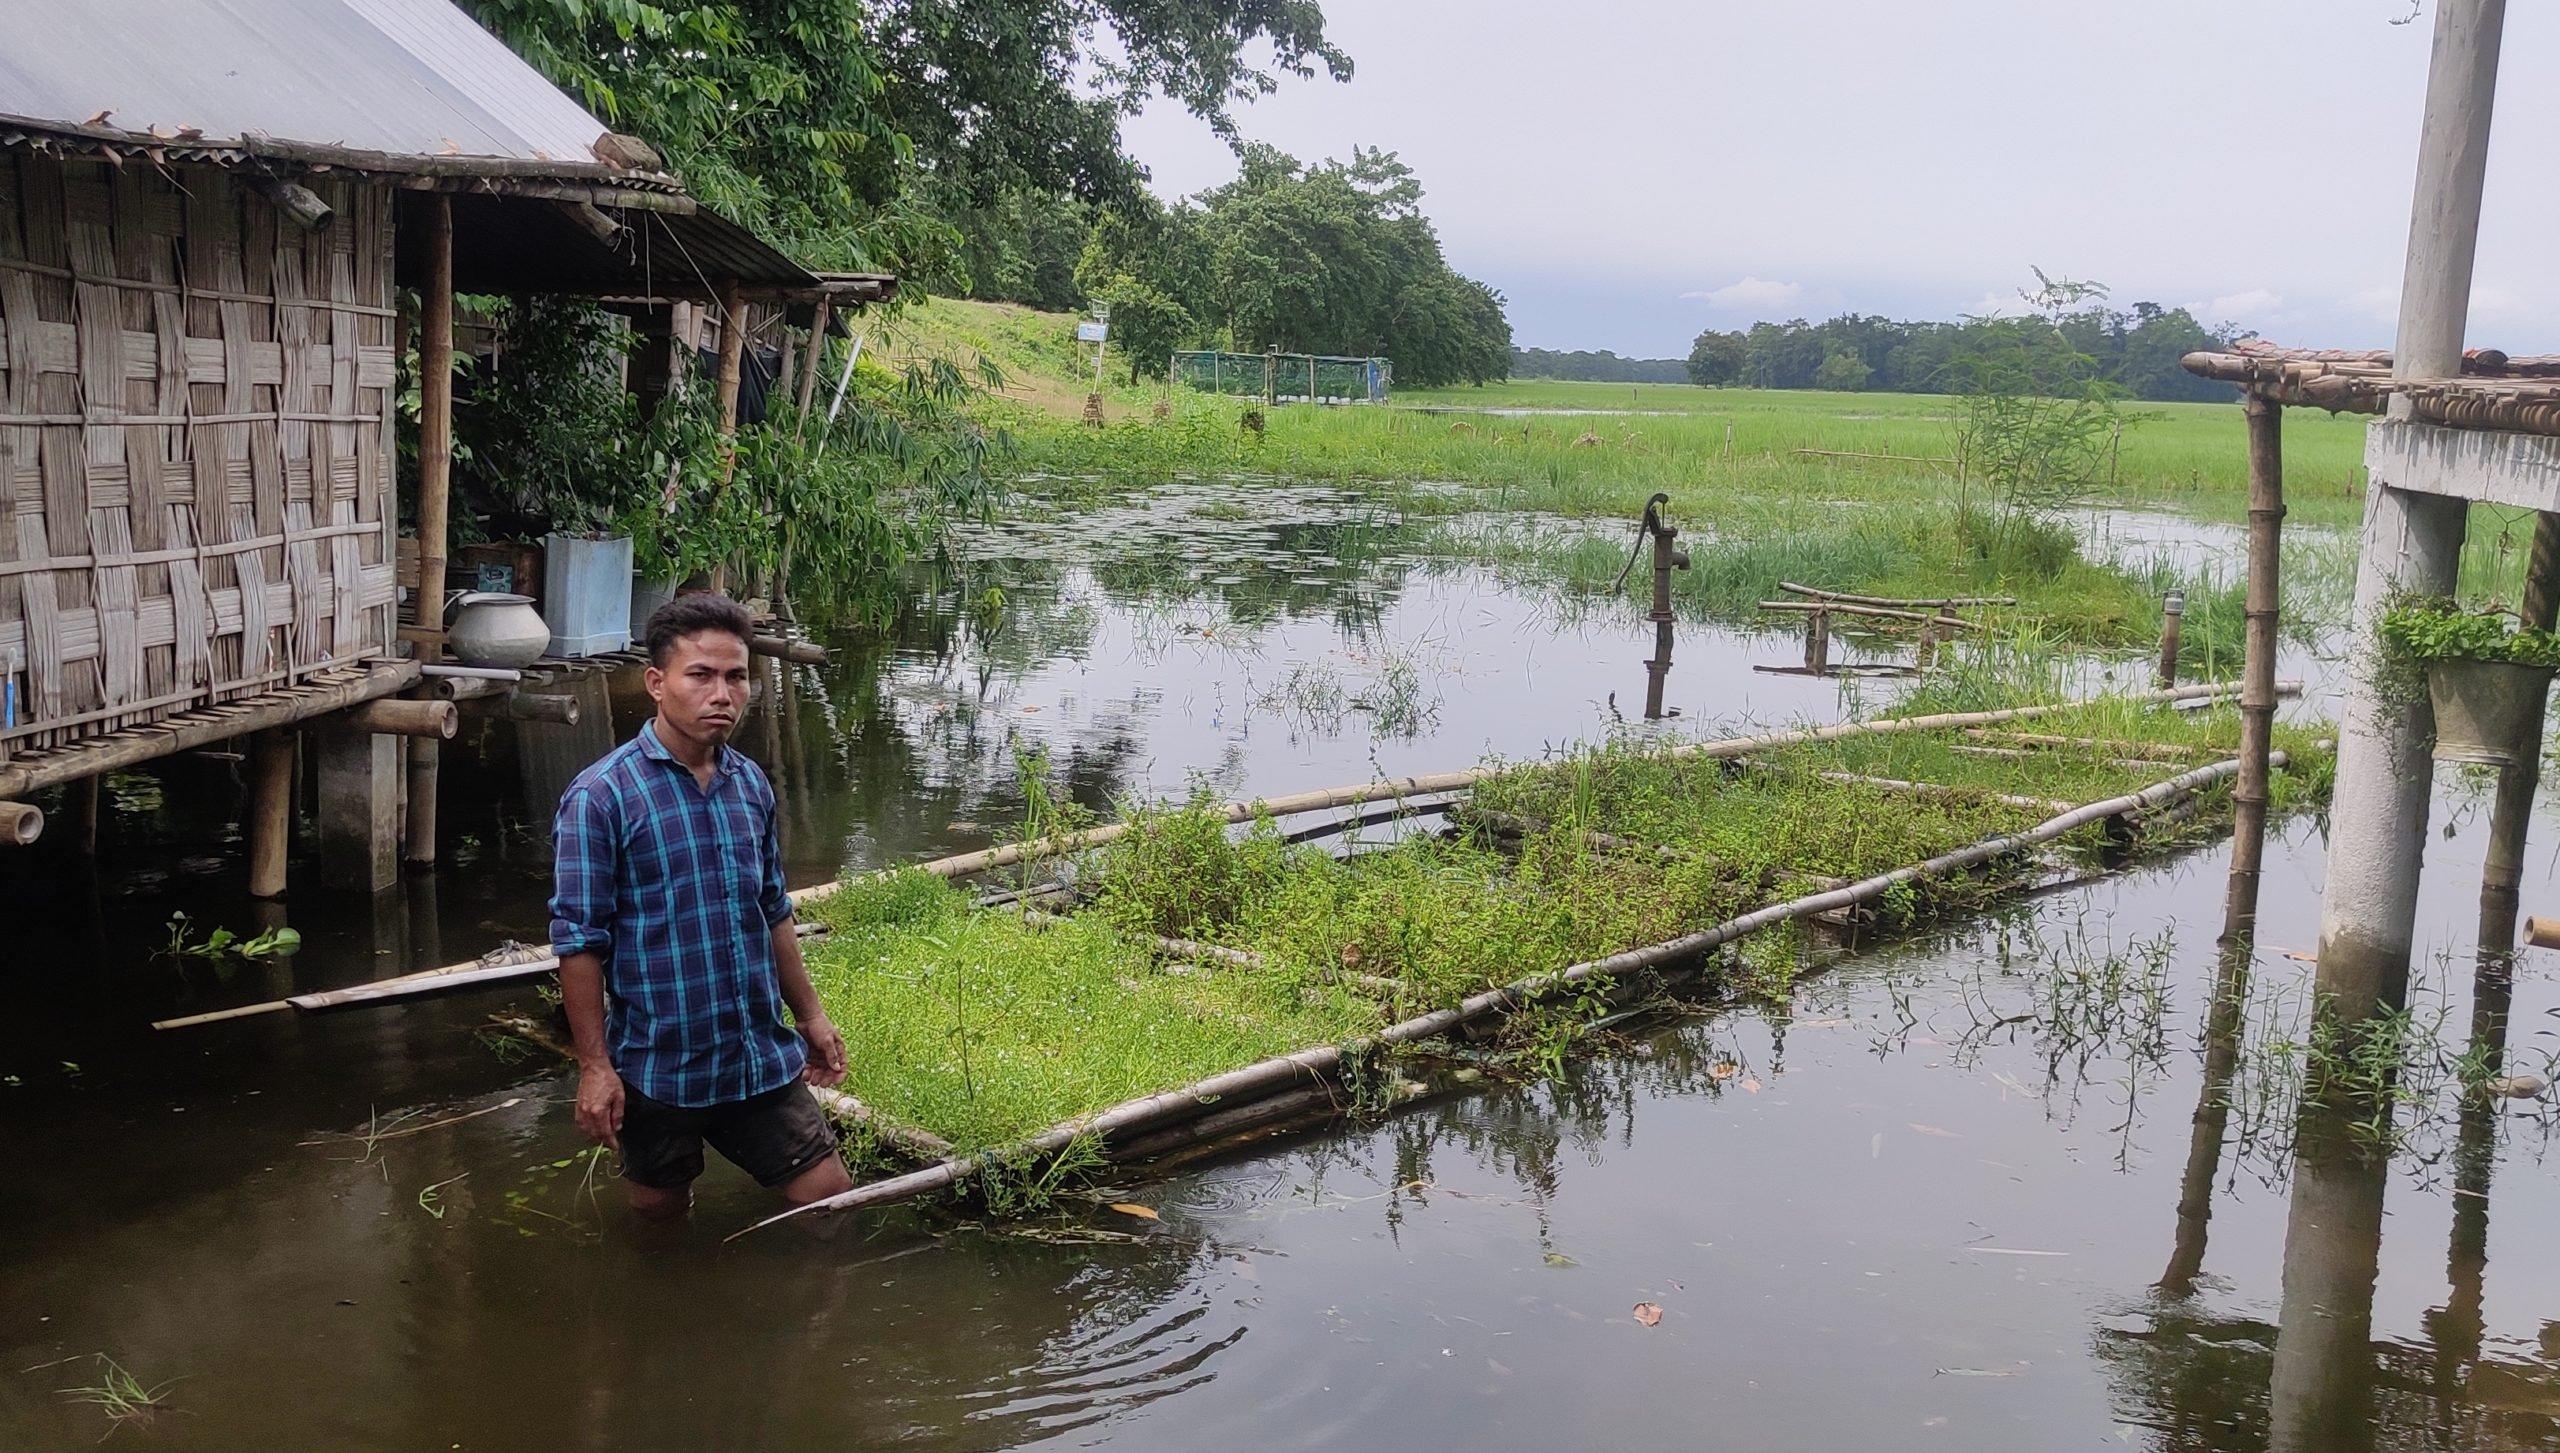 Bolin Payeng, floating agriculture, Majuli, Assam, Gurvinder Singh